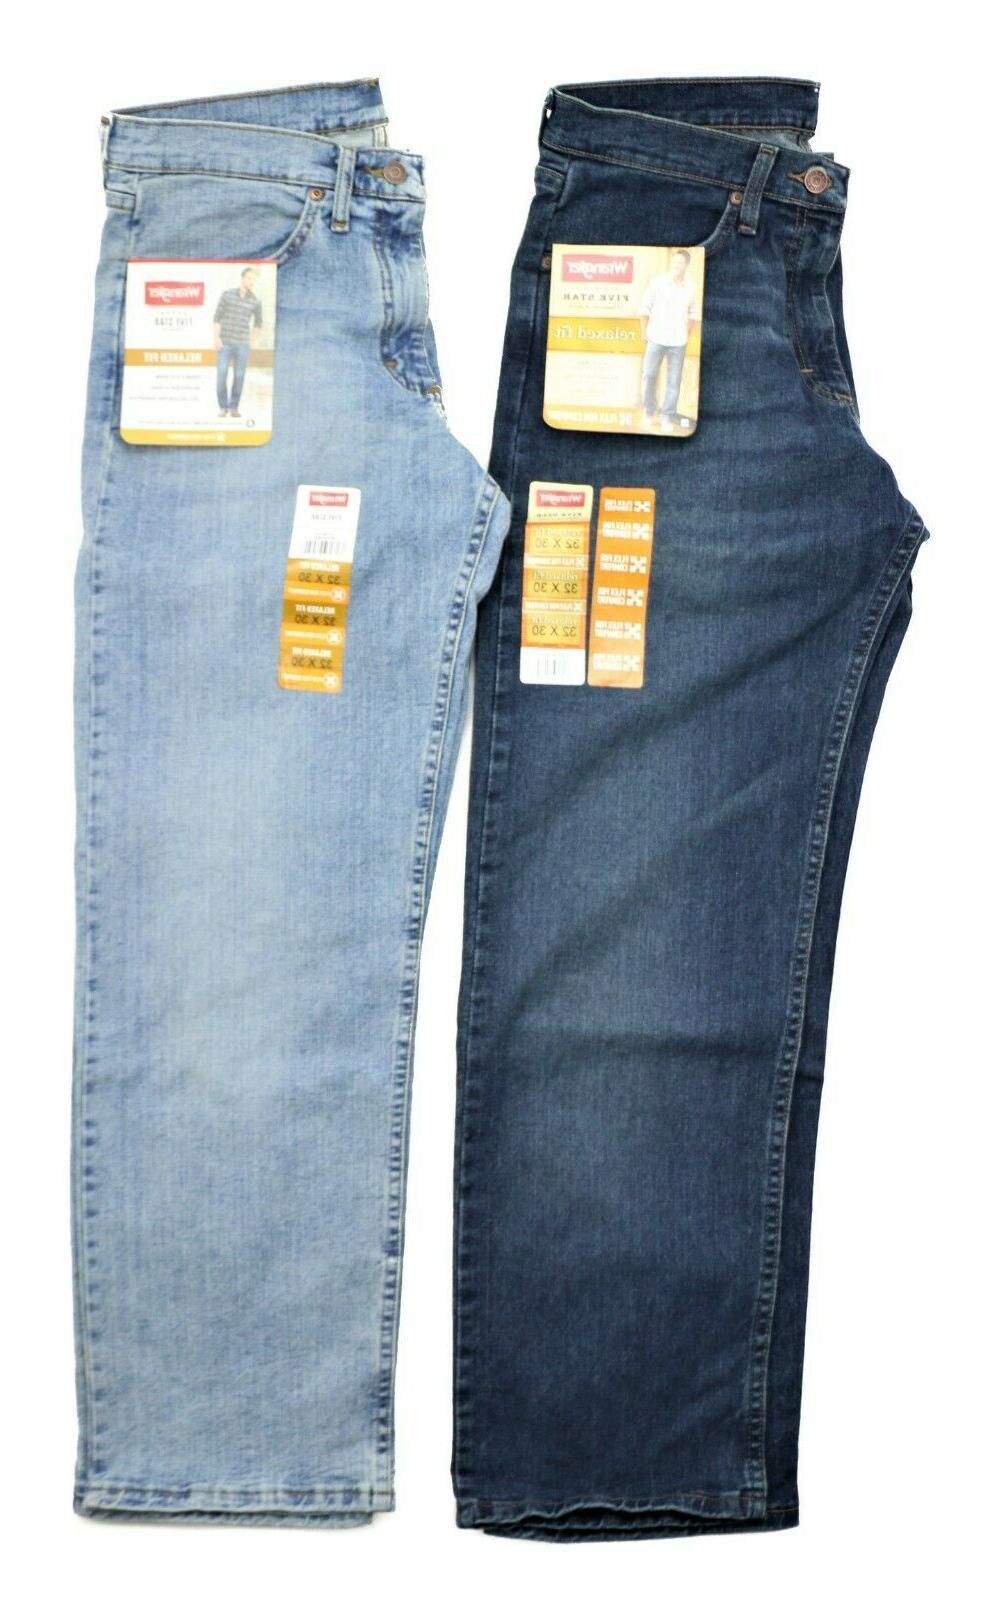 New Wrangler Relaxed Jeans Flex Denim Men's